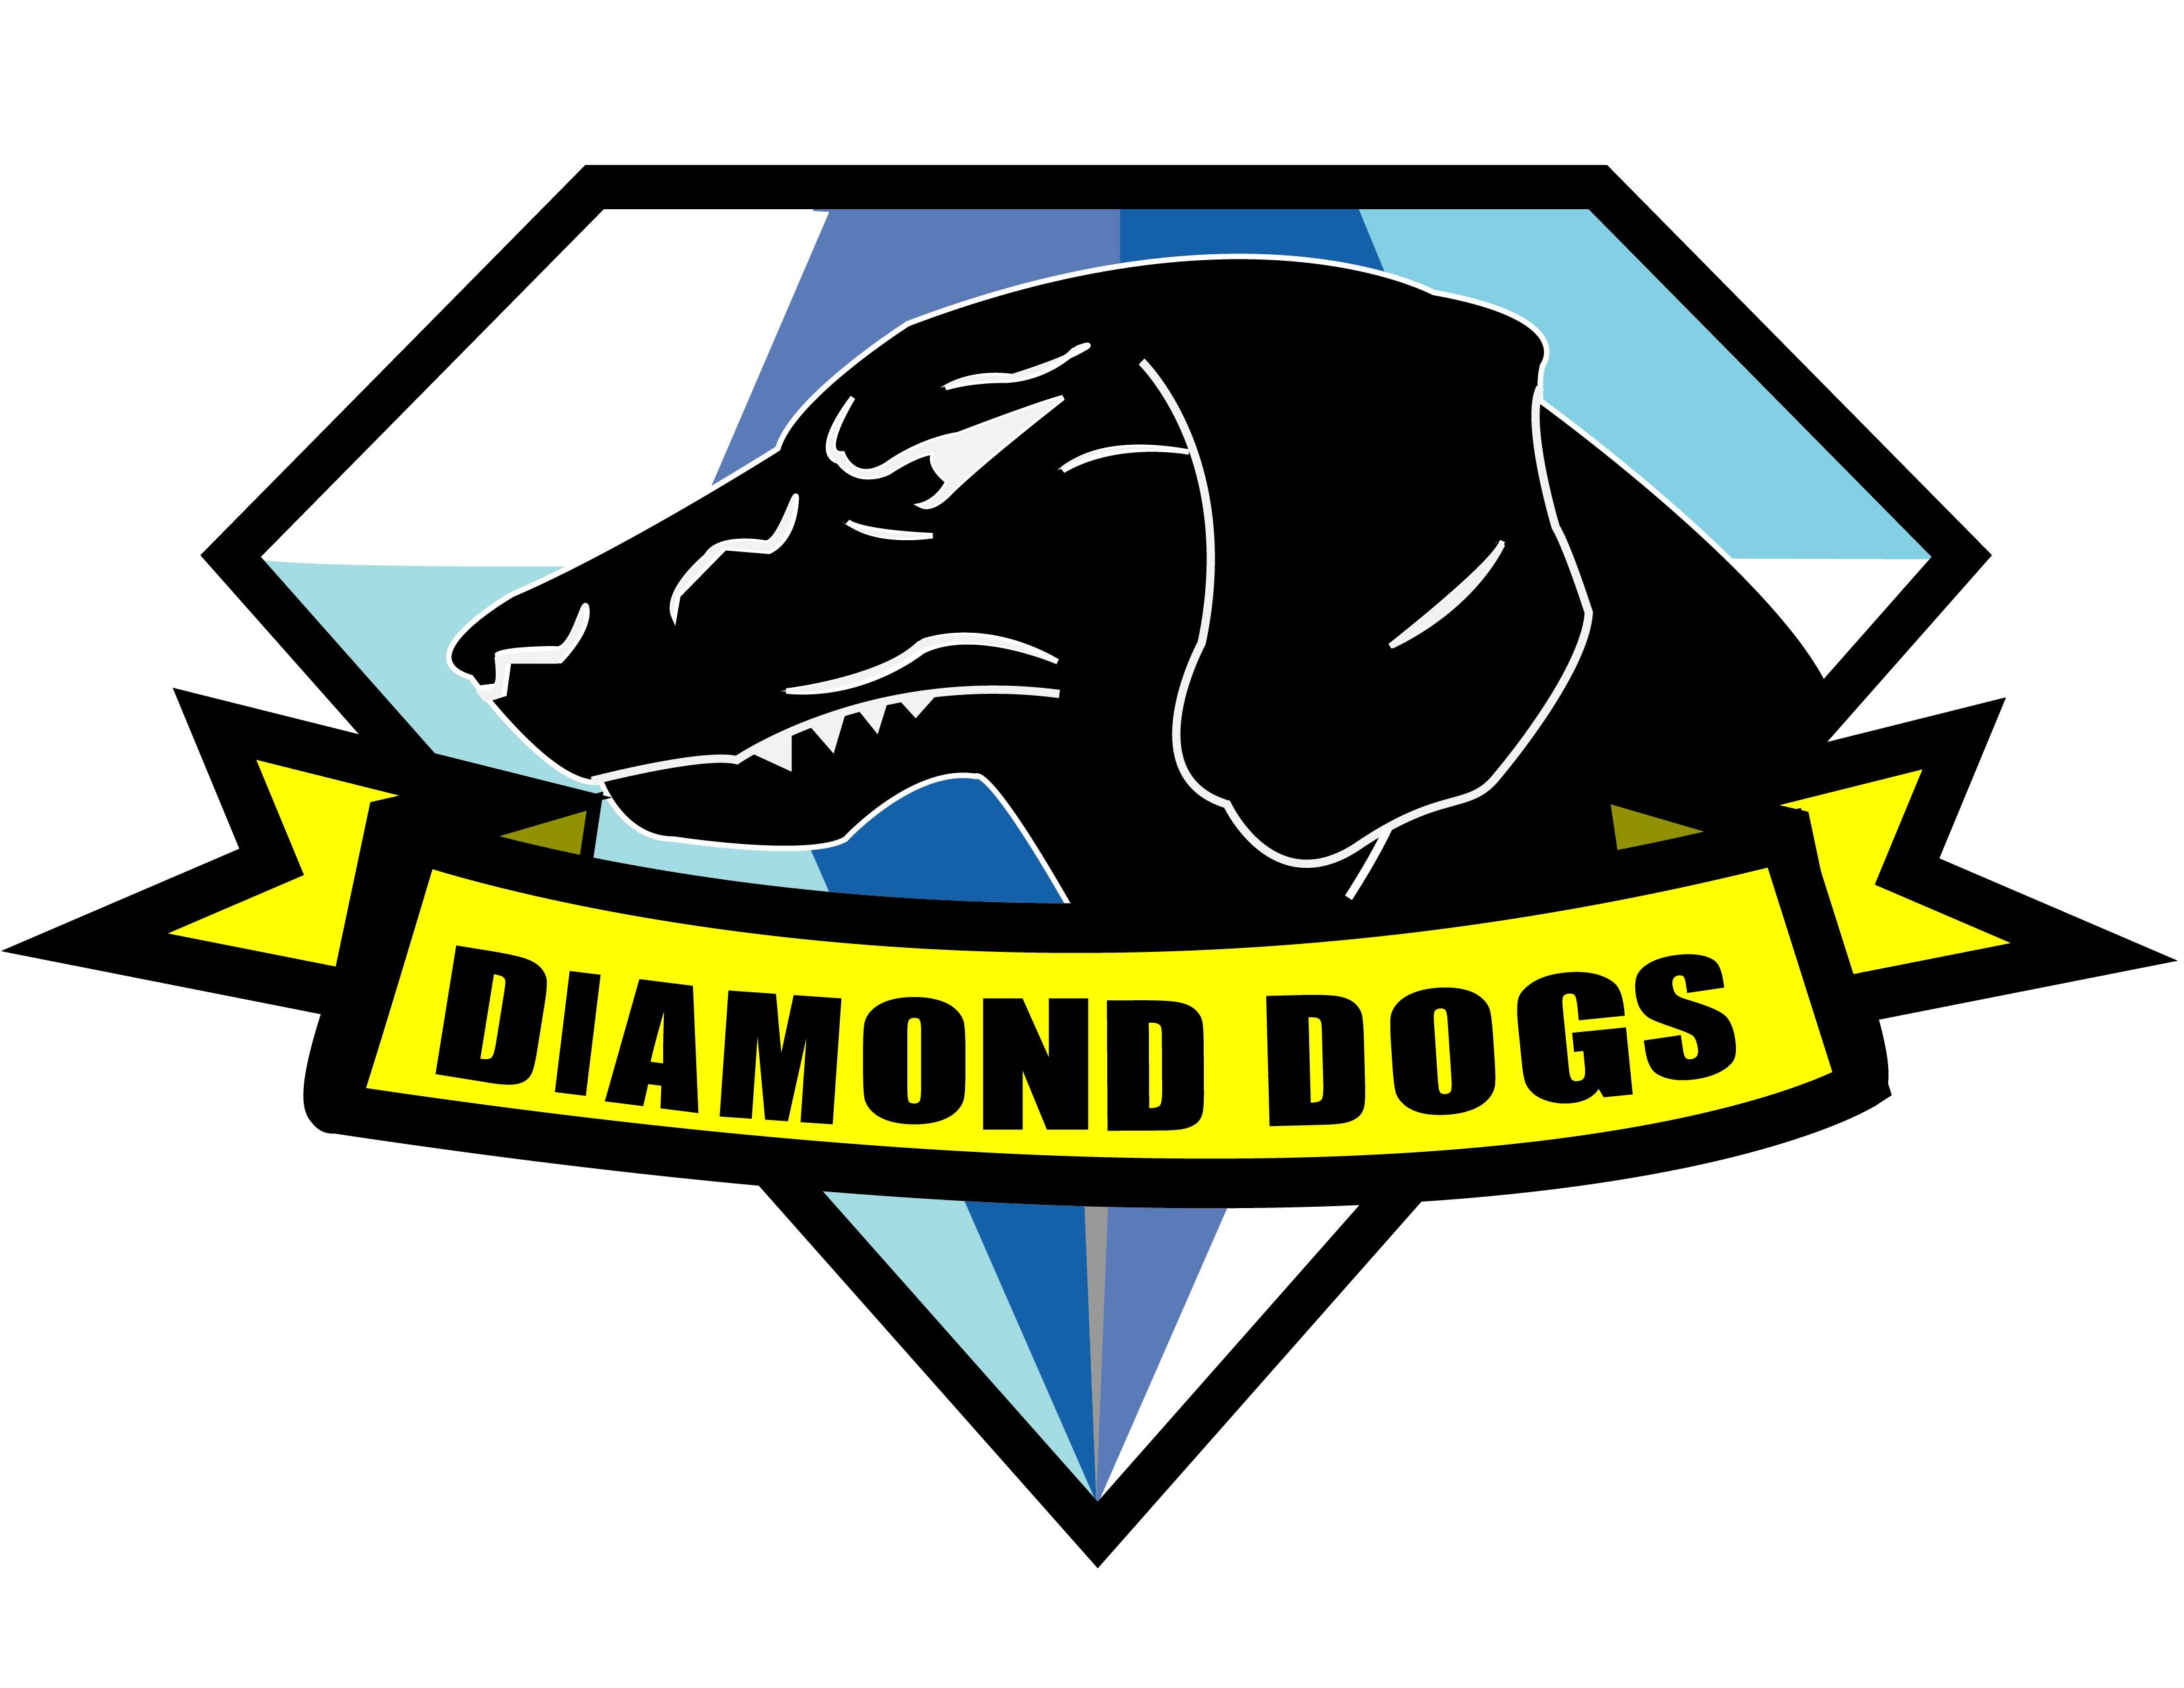 diamons dogs